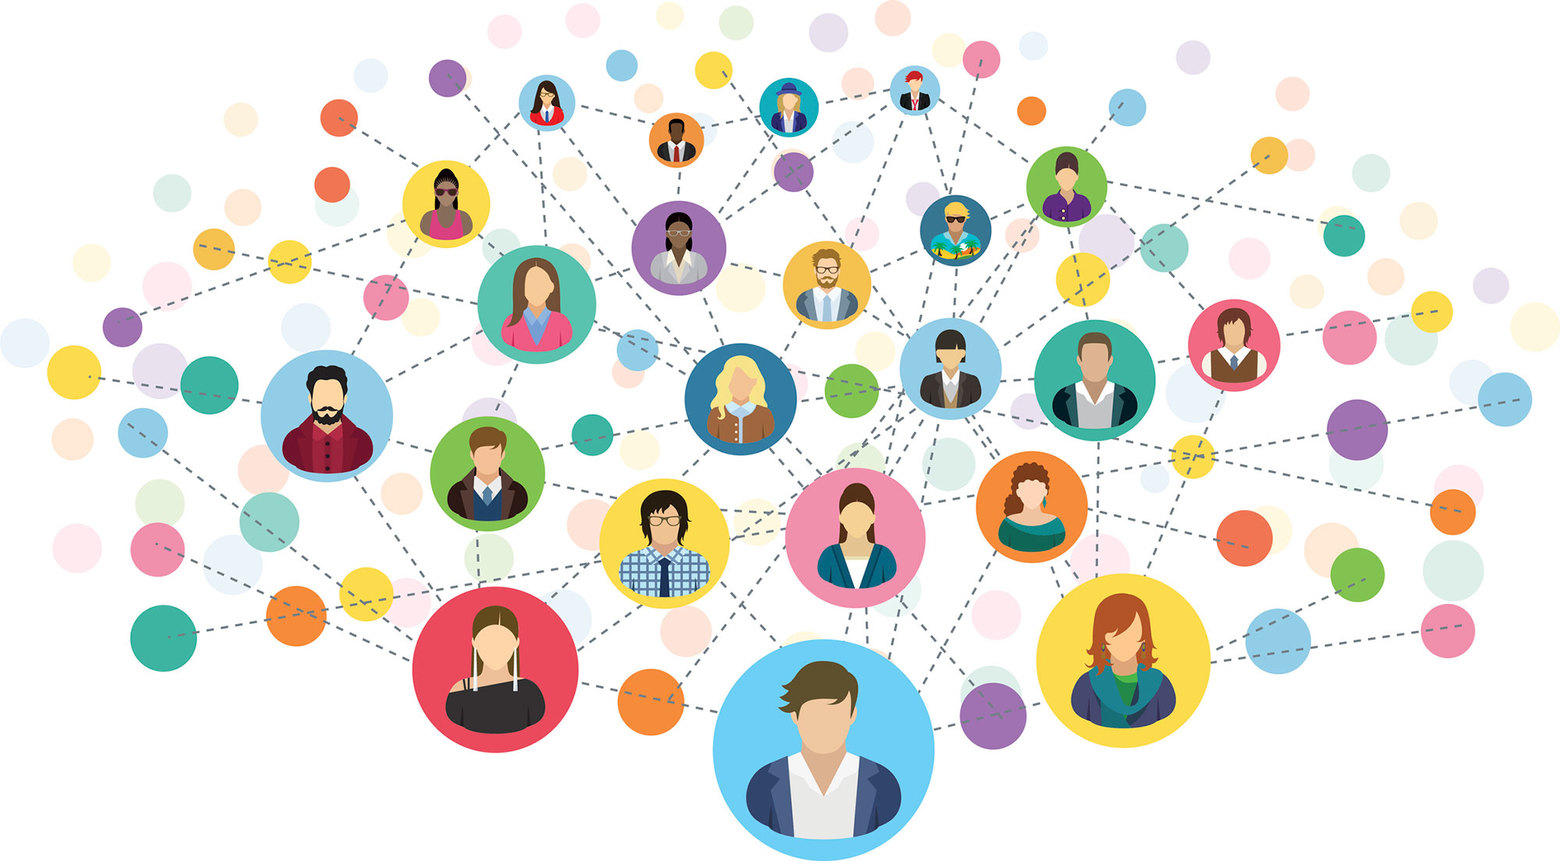 Networking – jak budować siatkę relacji zawodowych